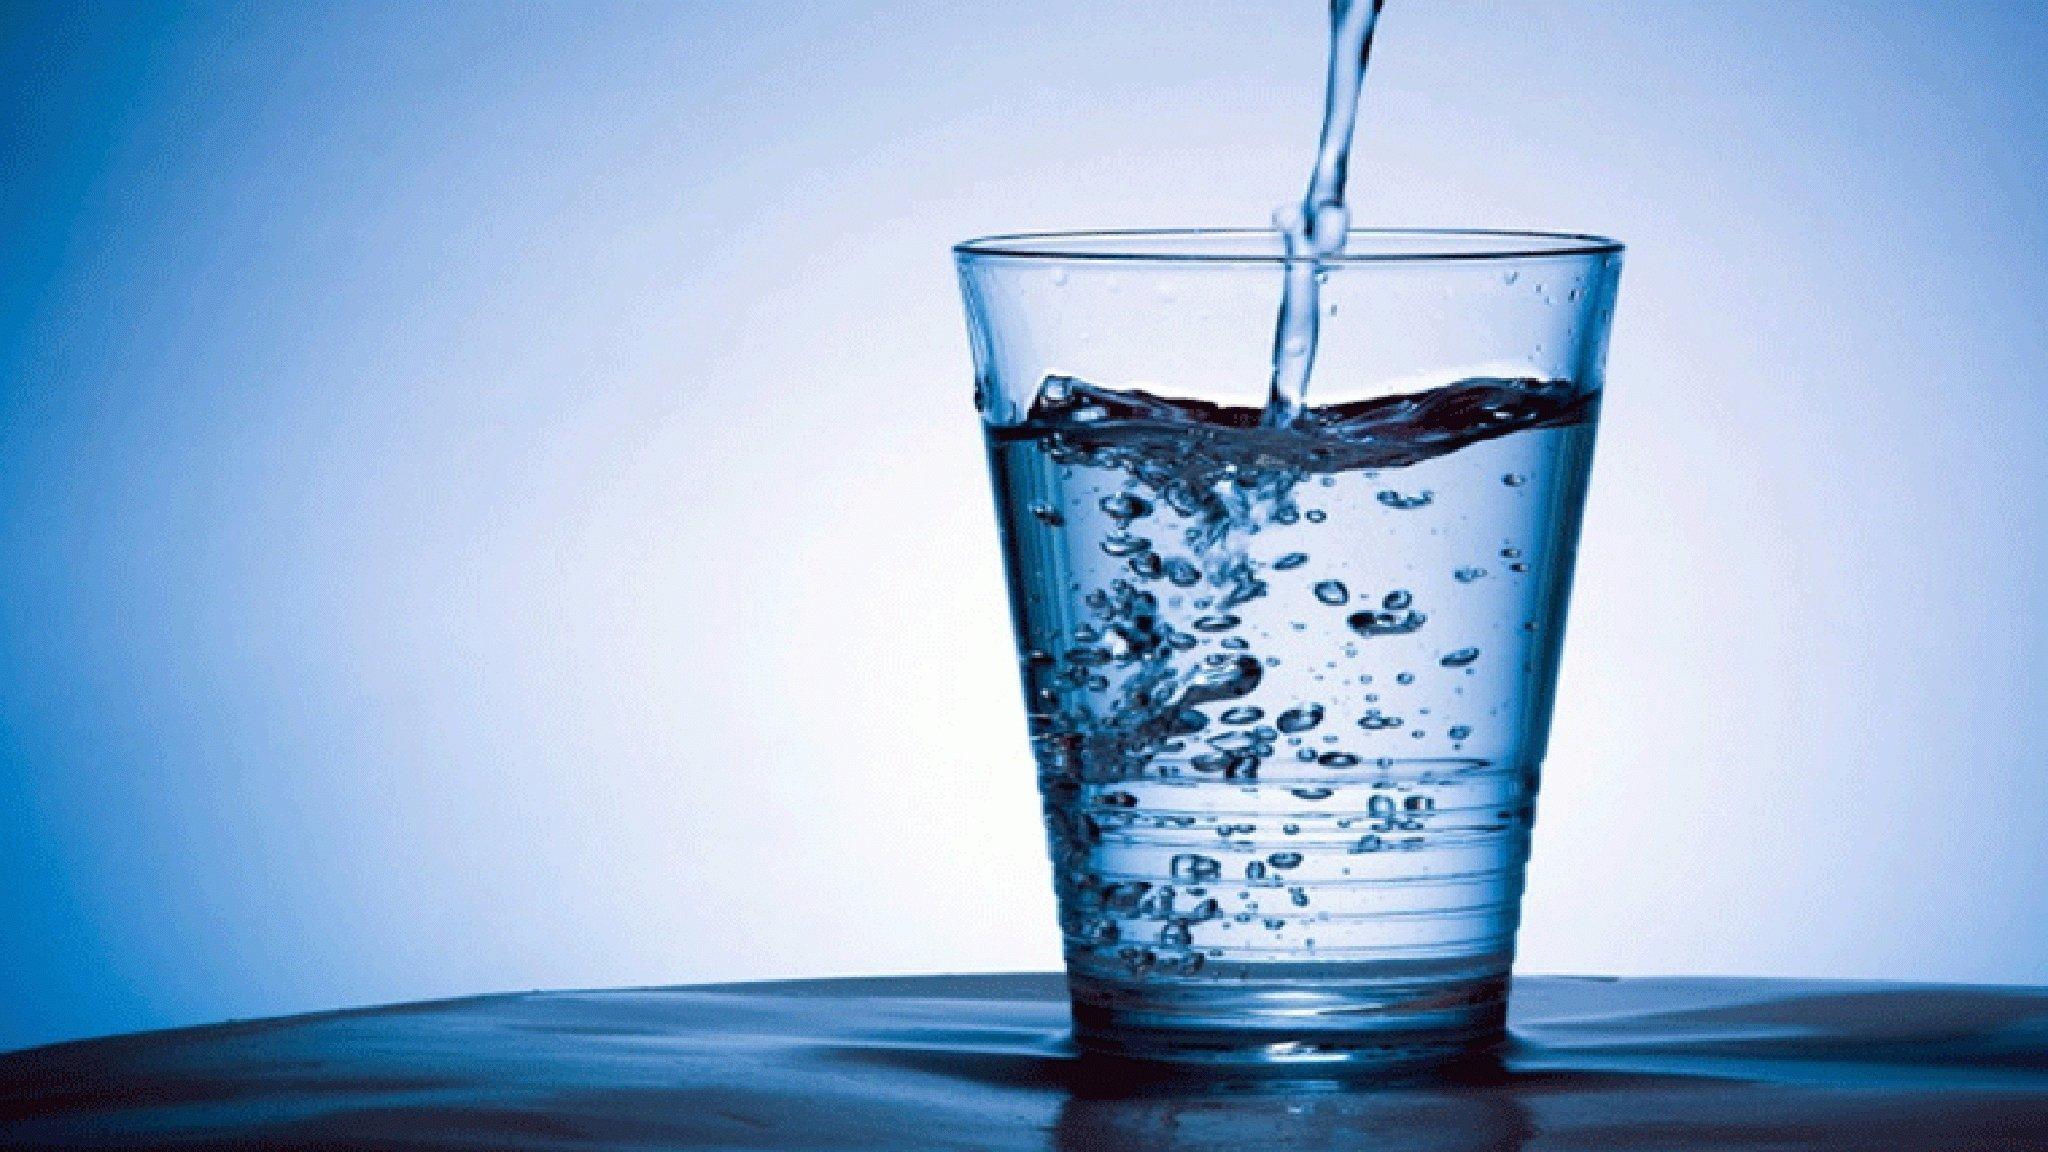 Έρευνα: Ο μέσος άνθρωπος τρώει έως 121.000 μικροπλαστικά σωματίδια ετησίως